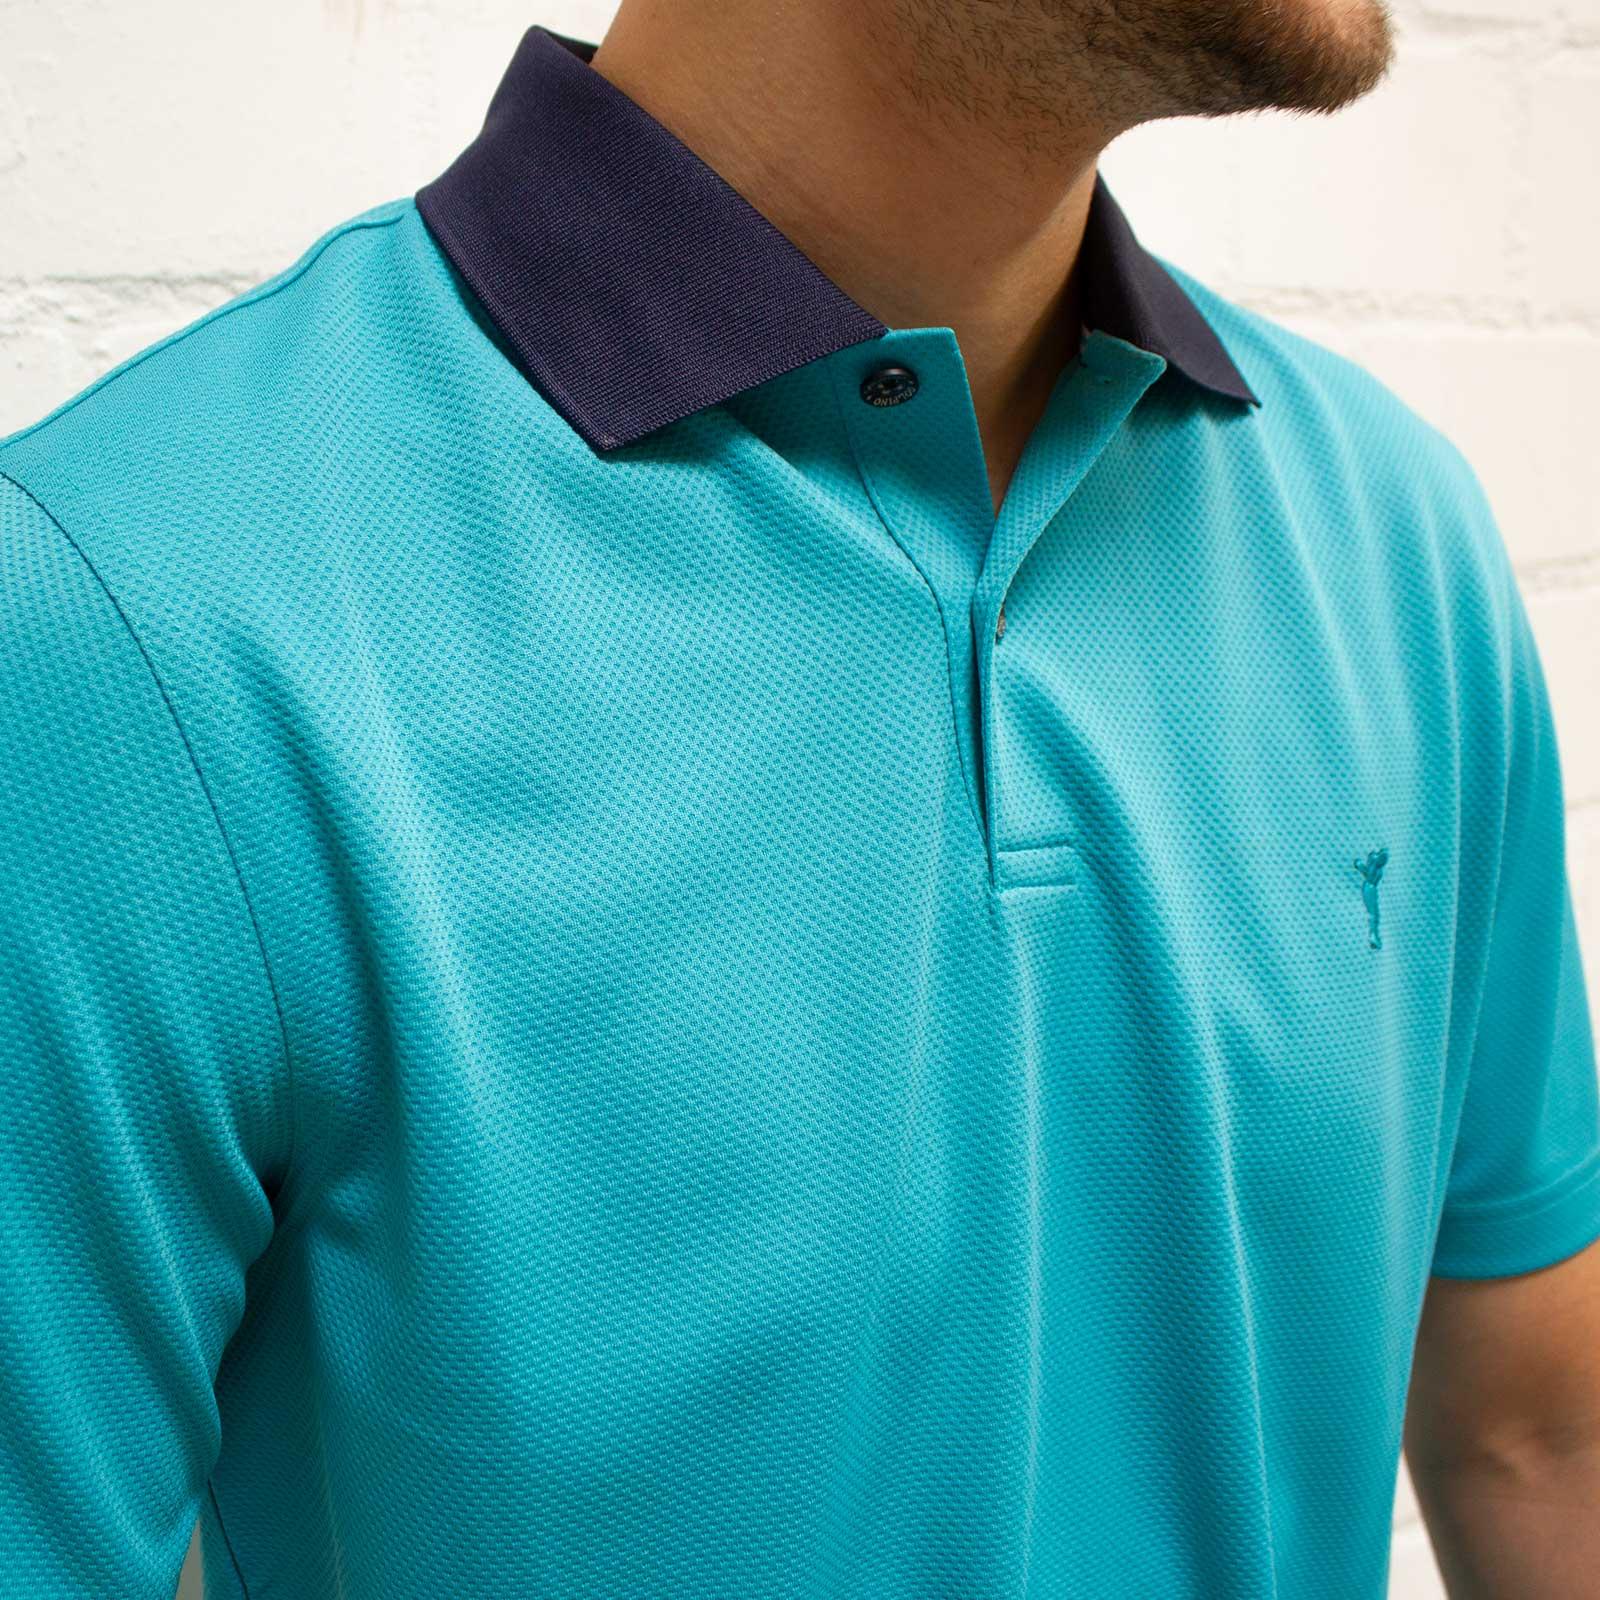 Herren Kurzarm Kafetex®-Golfpolo in Regular Fit mit Moisture Management